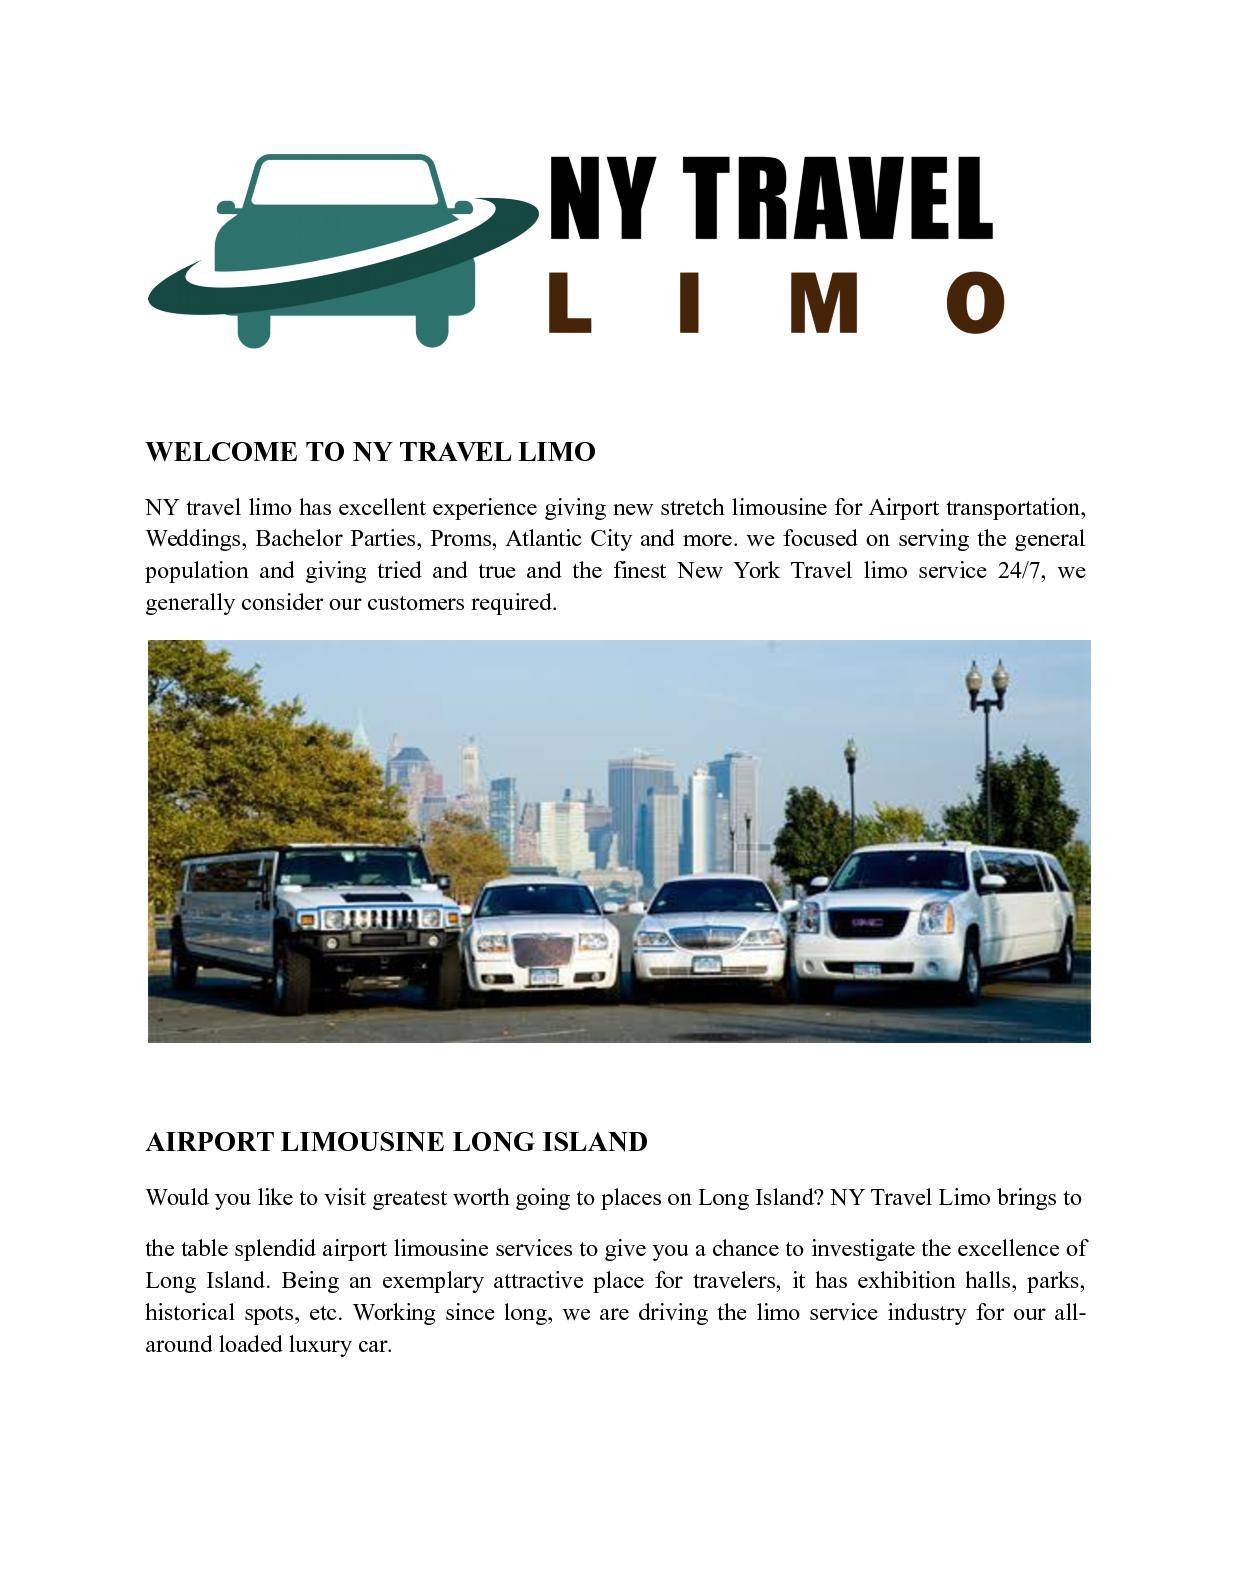 Calaméo - Airport Limousine Long Island